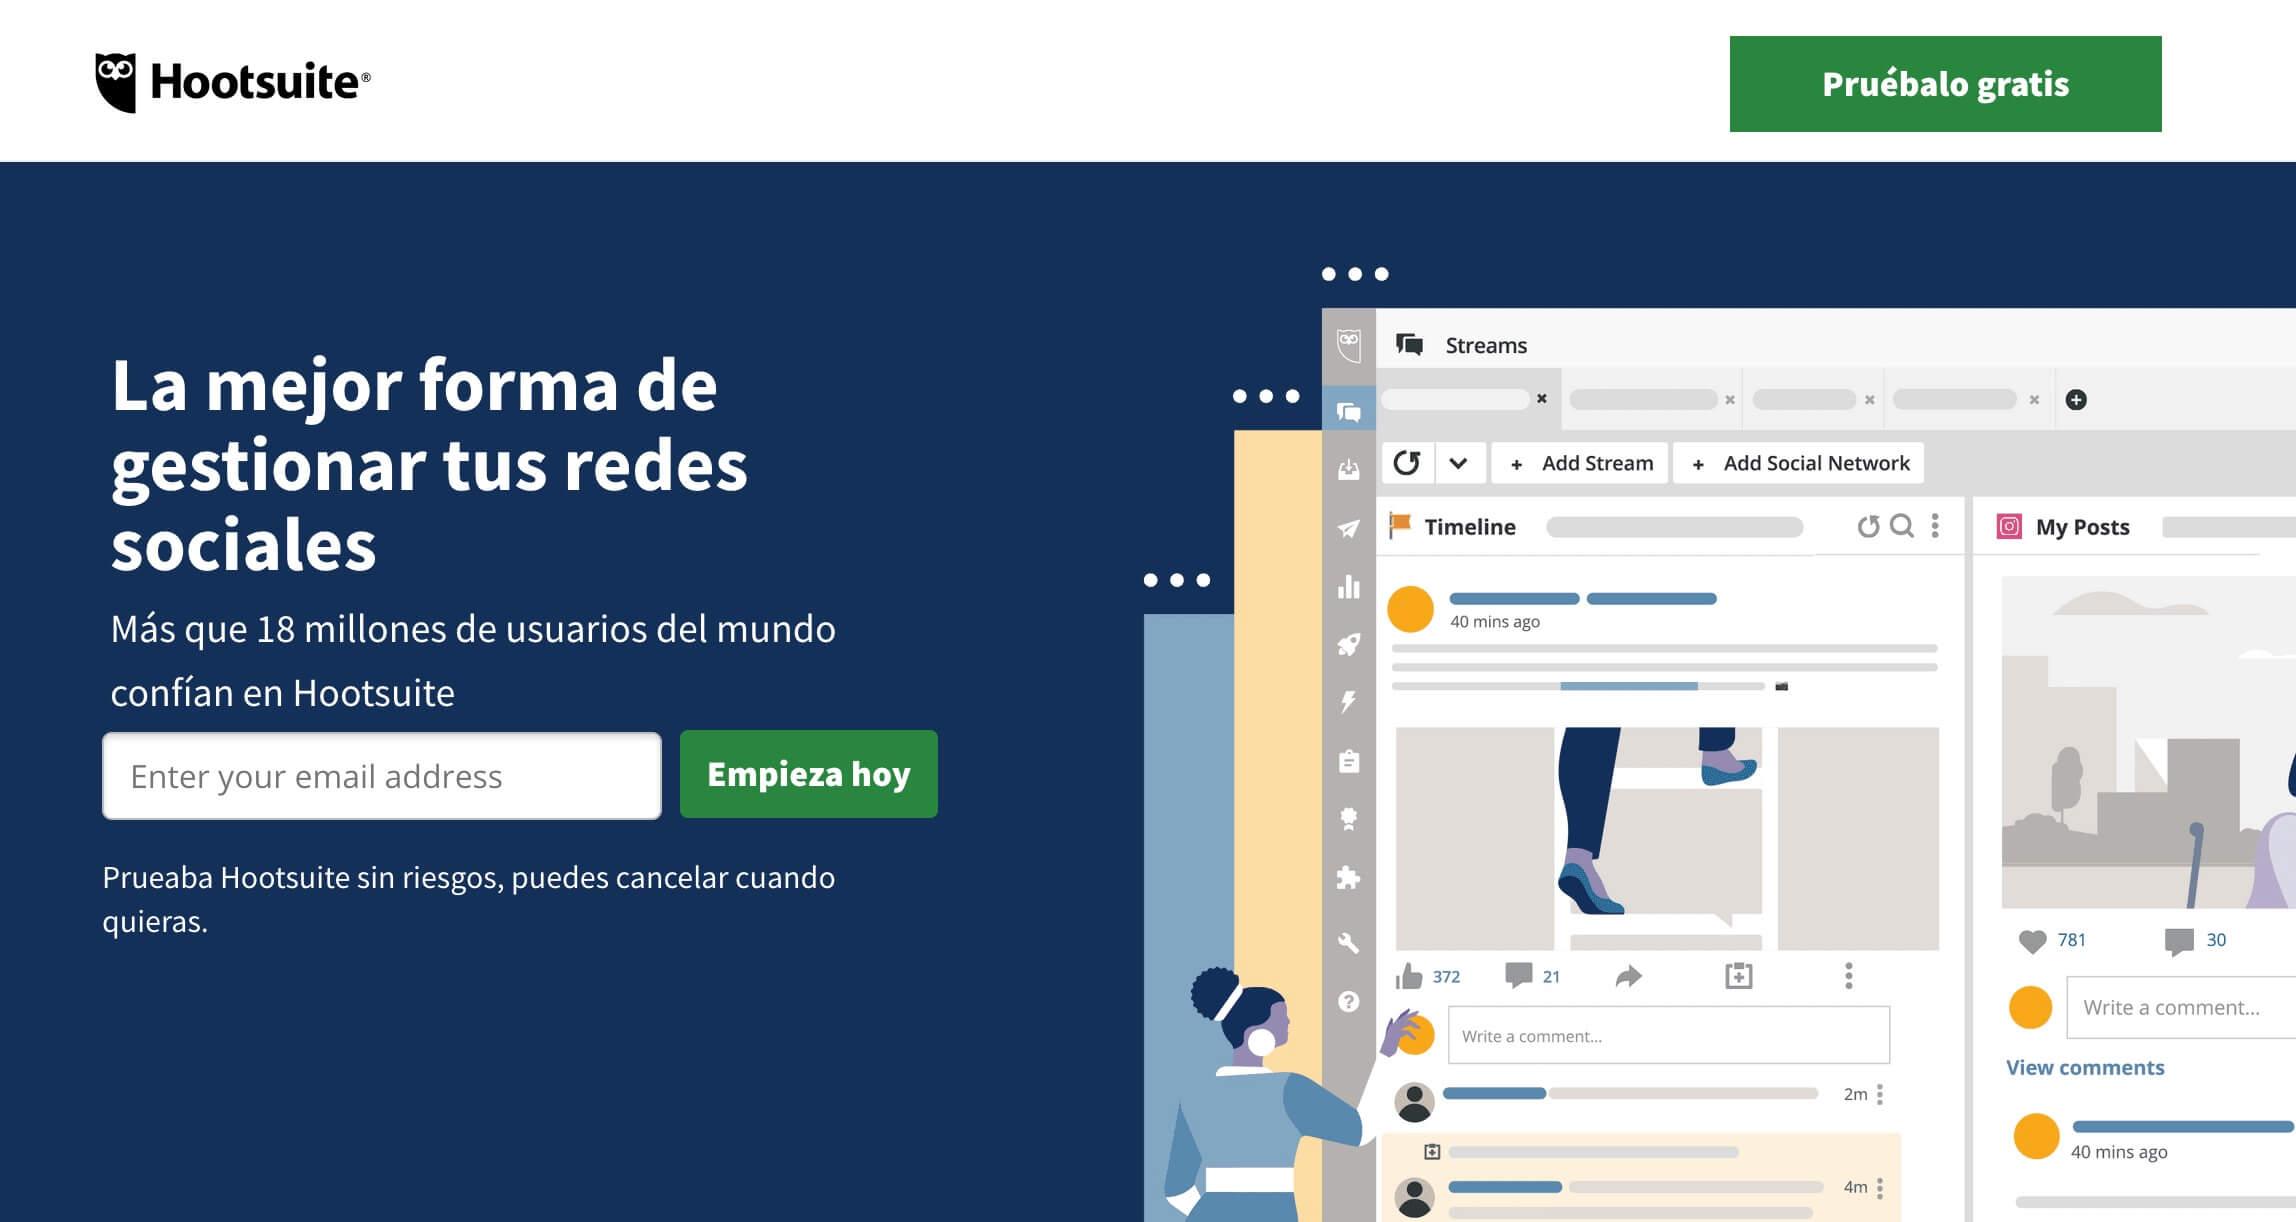 Herramientas para publicidad digital: Hootsuite, gestor de redes sociales